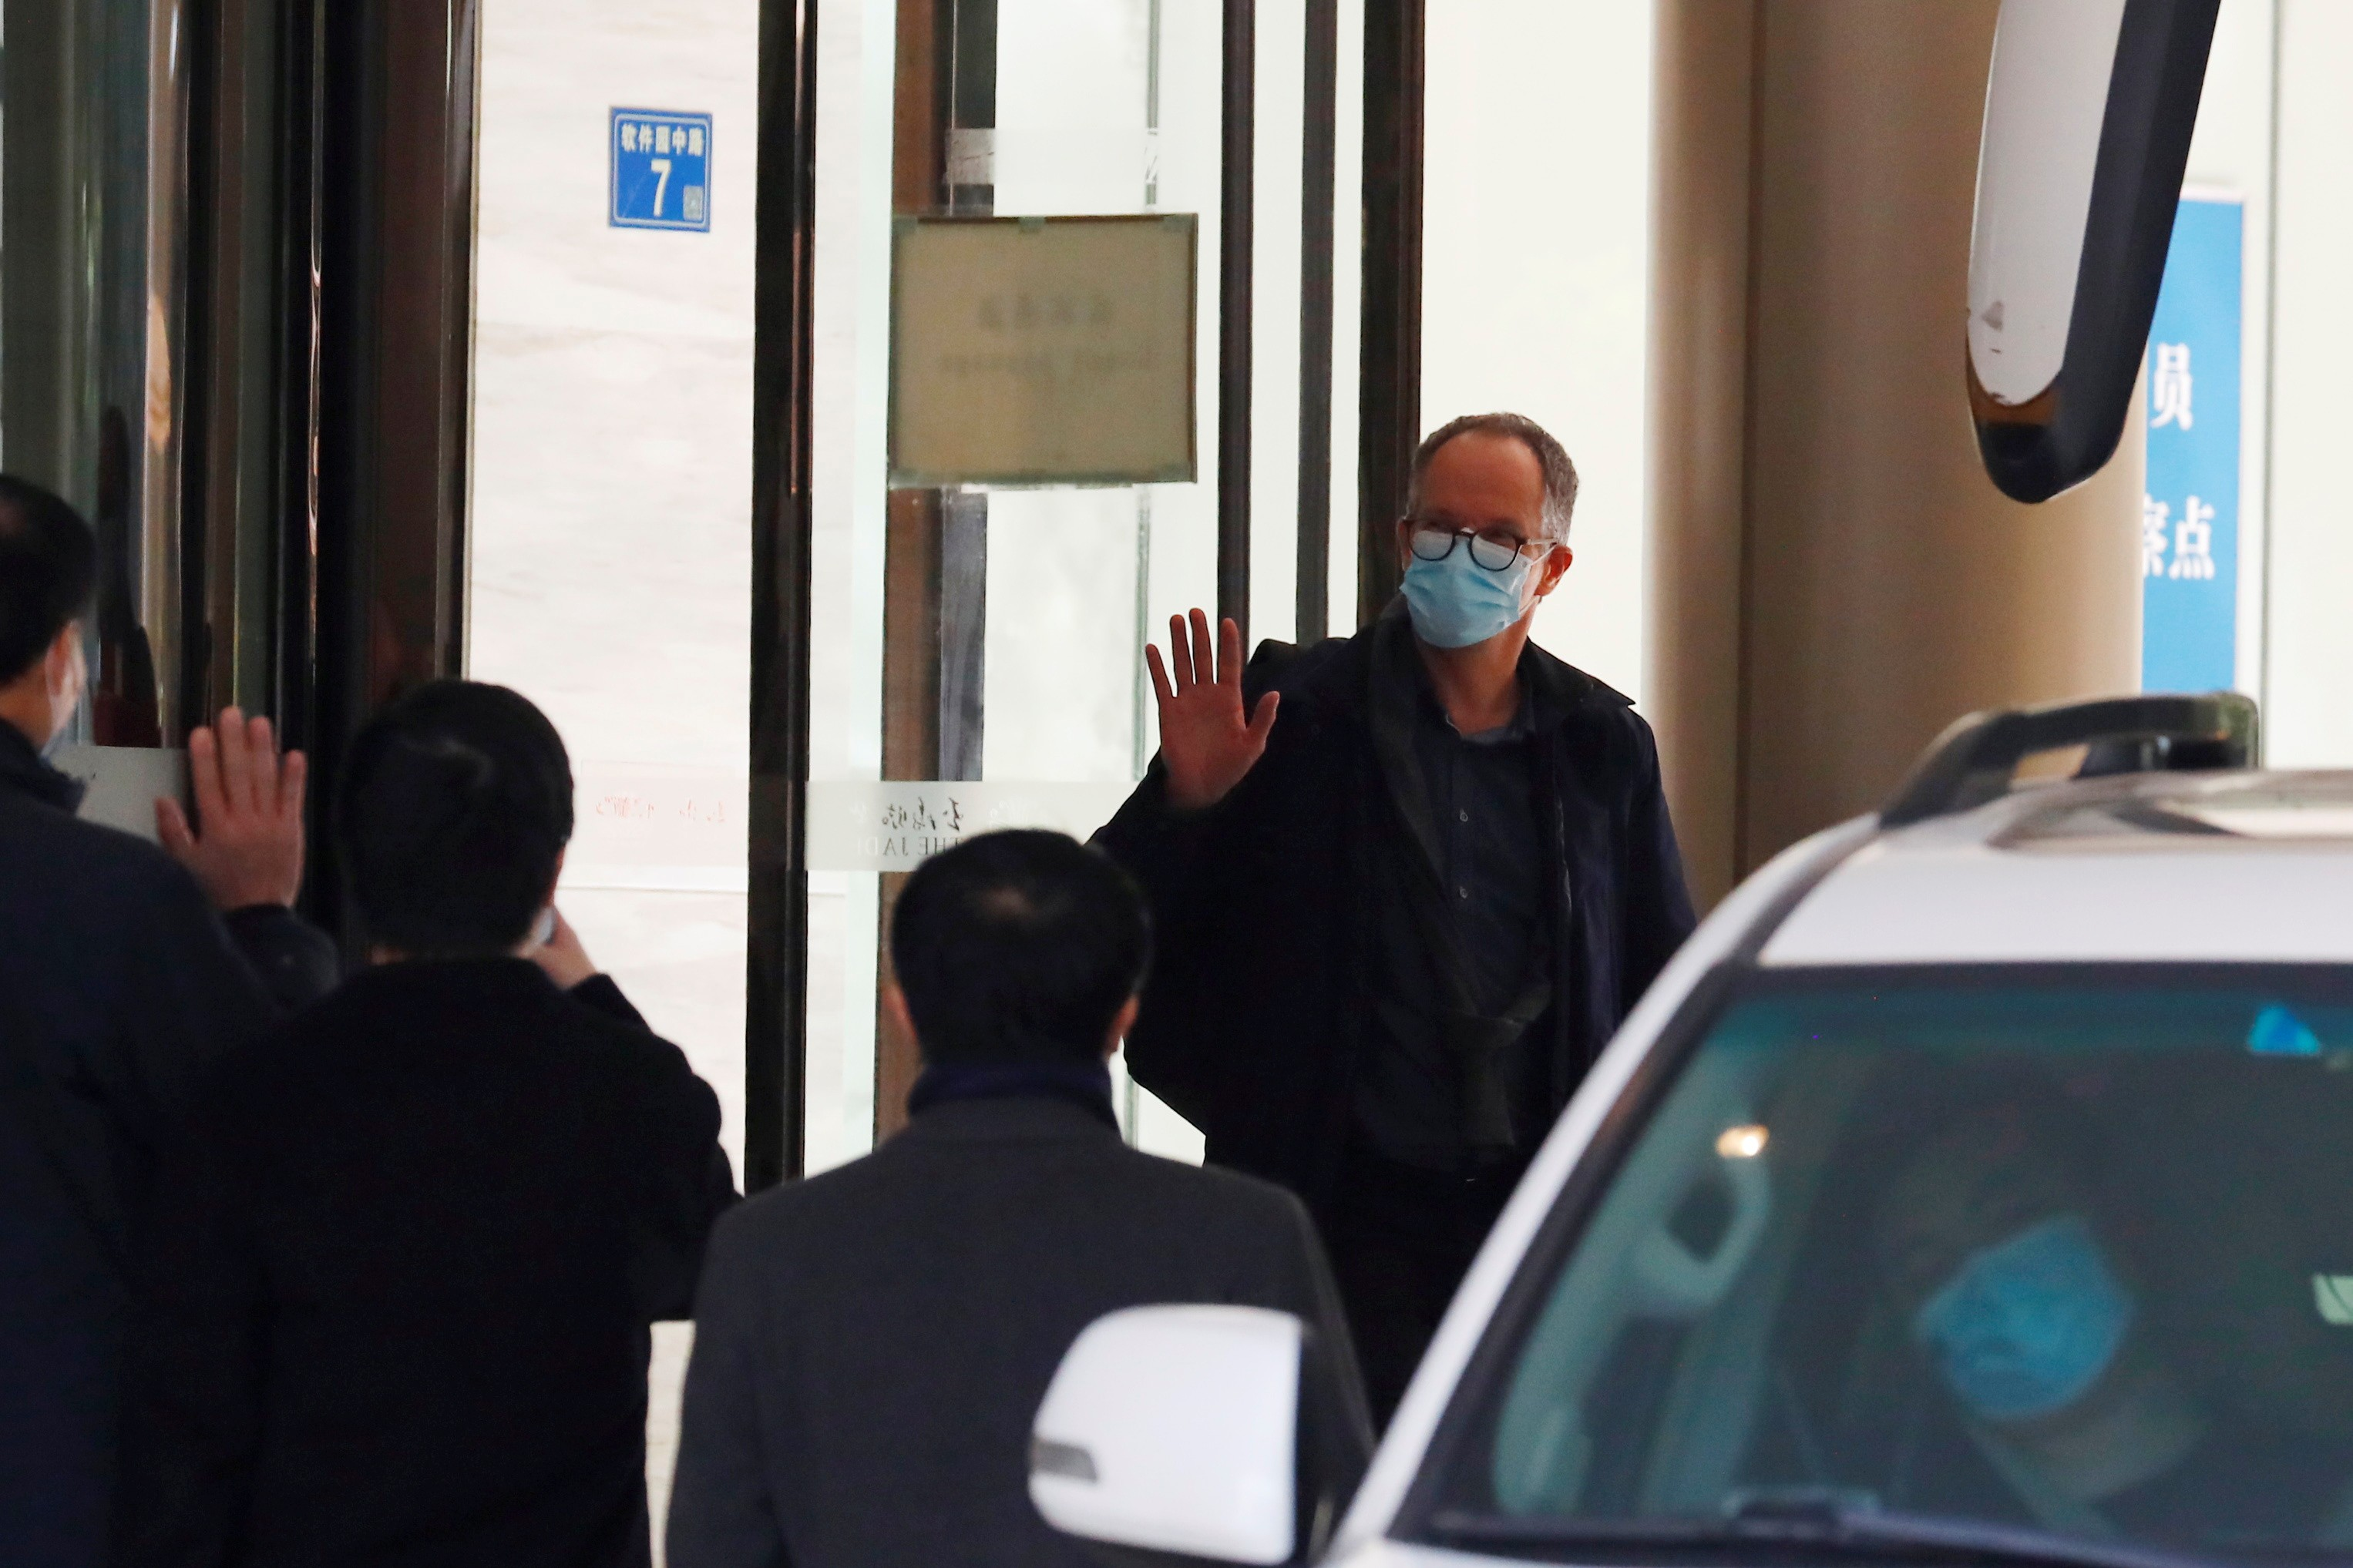 Equipe da OMS que estudará origem do coronavírus em Wuhan encerra quarentena e deixa hotel